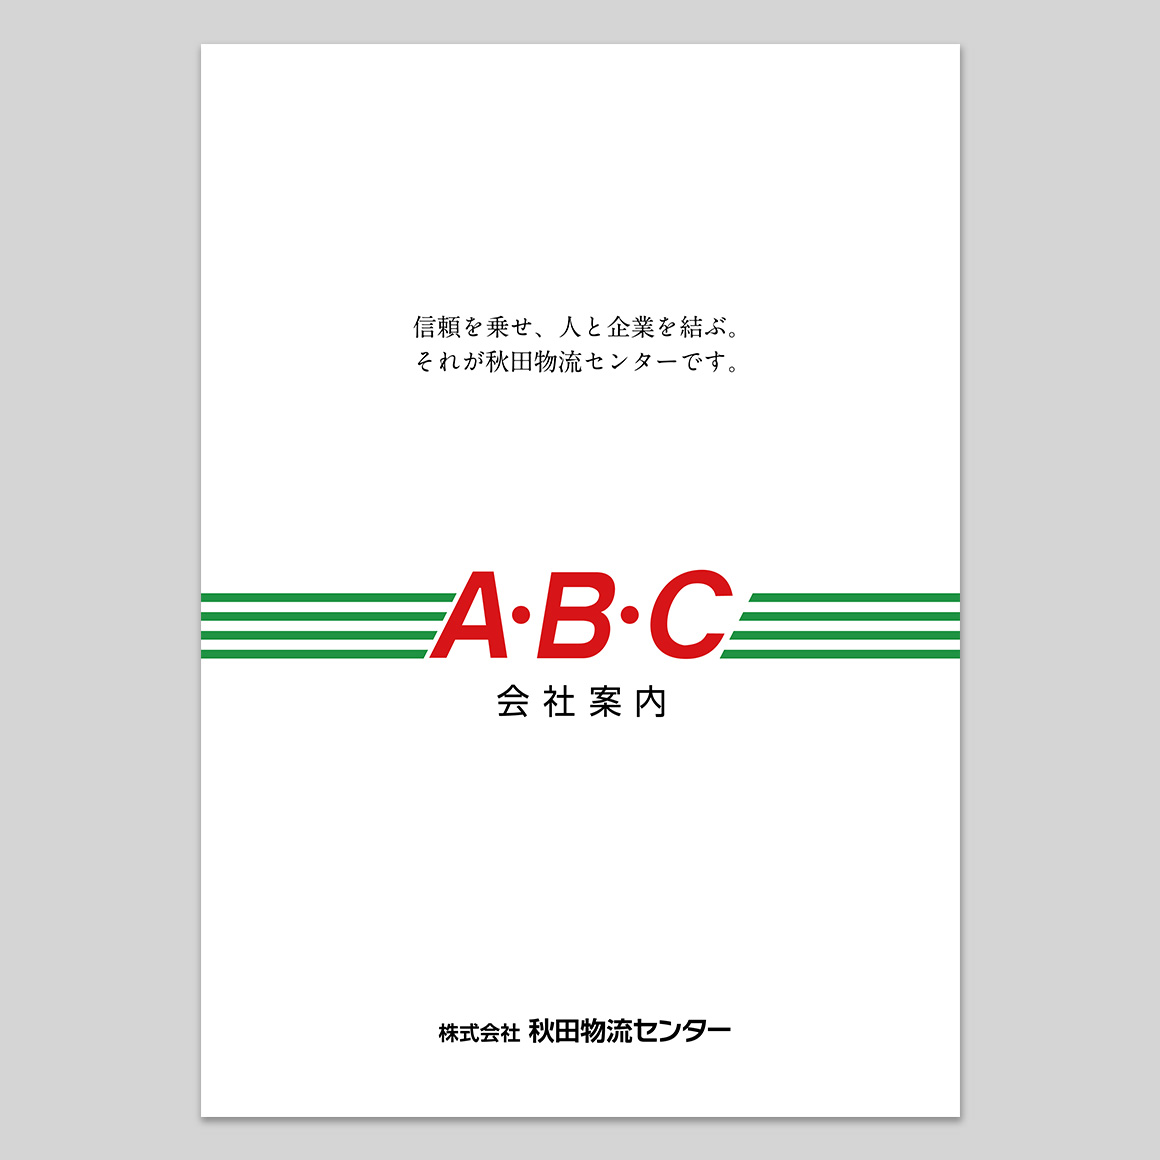 事業紹介パンフレット